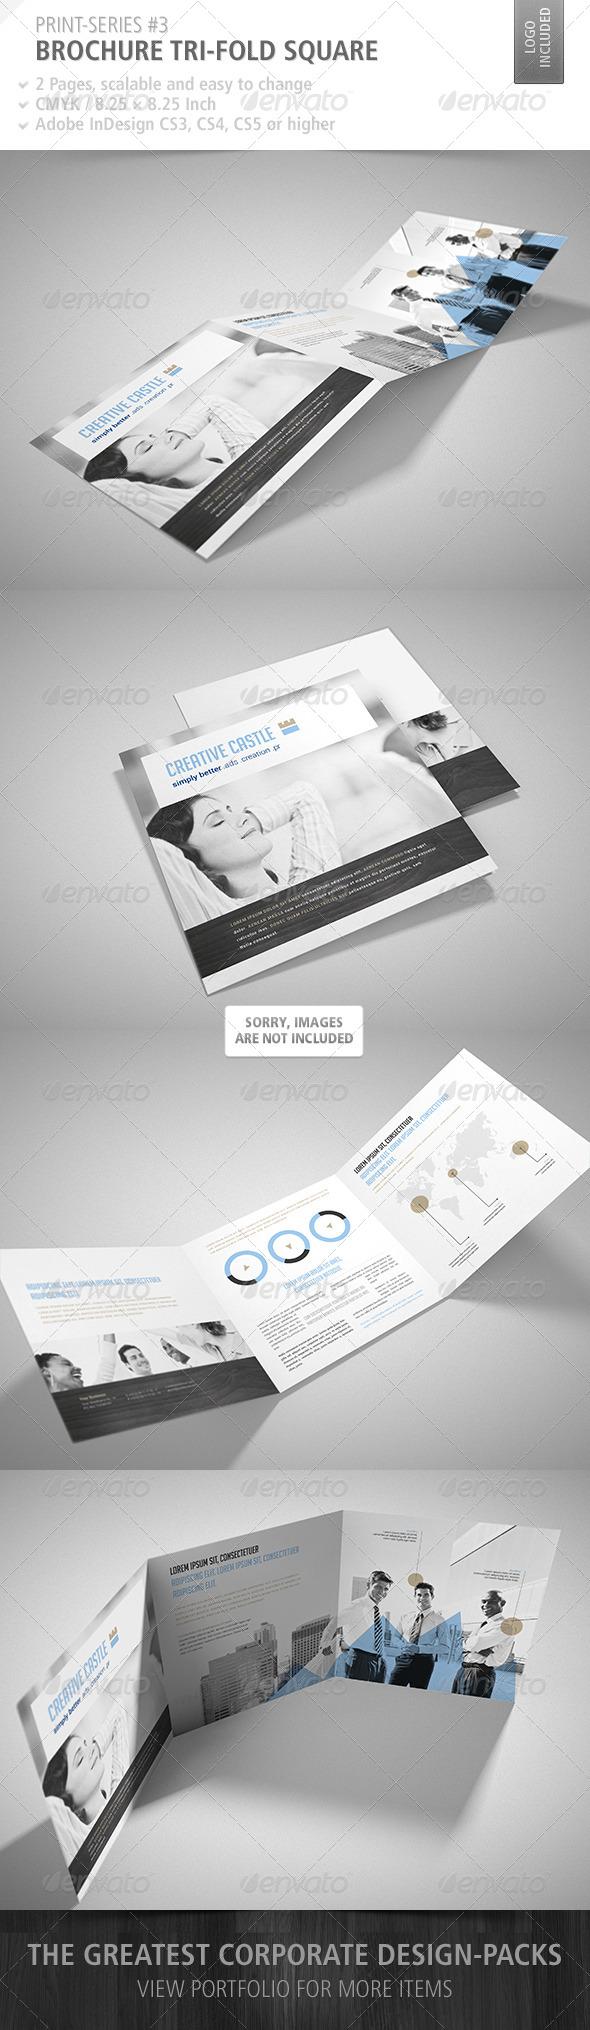 GraphicRiver Brochure Tri-Fold Square Print-Series #3 4696355